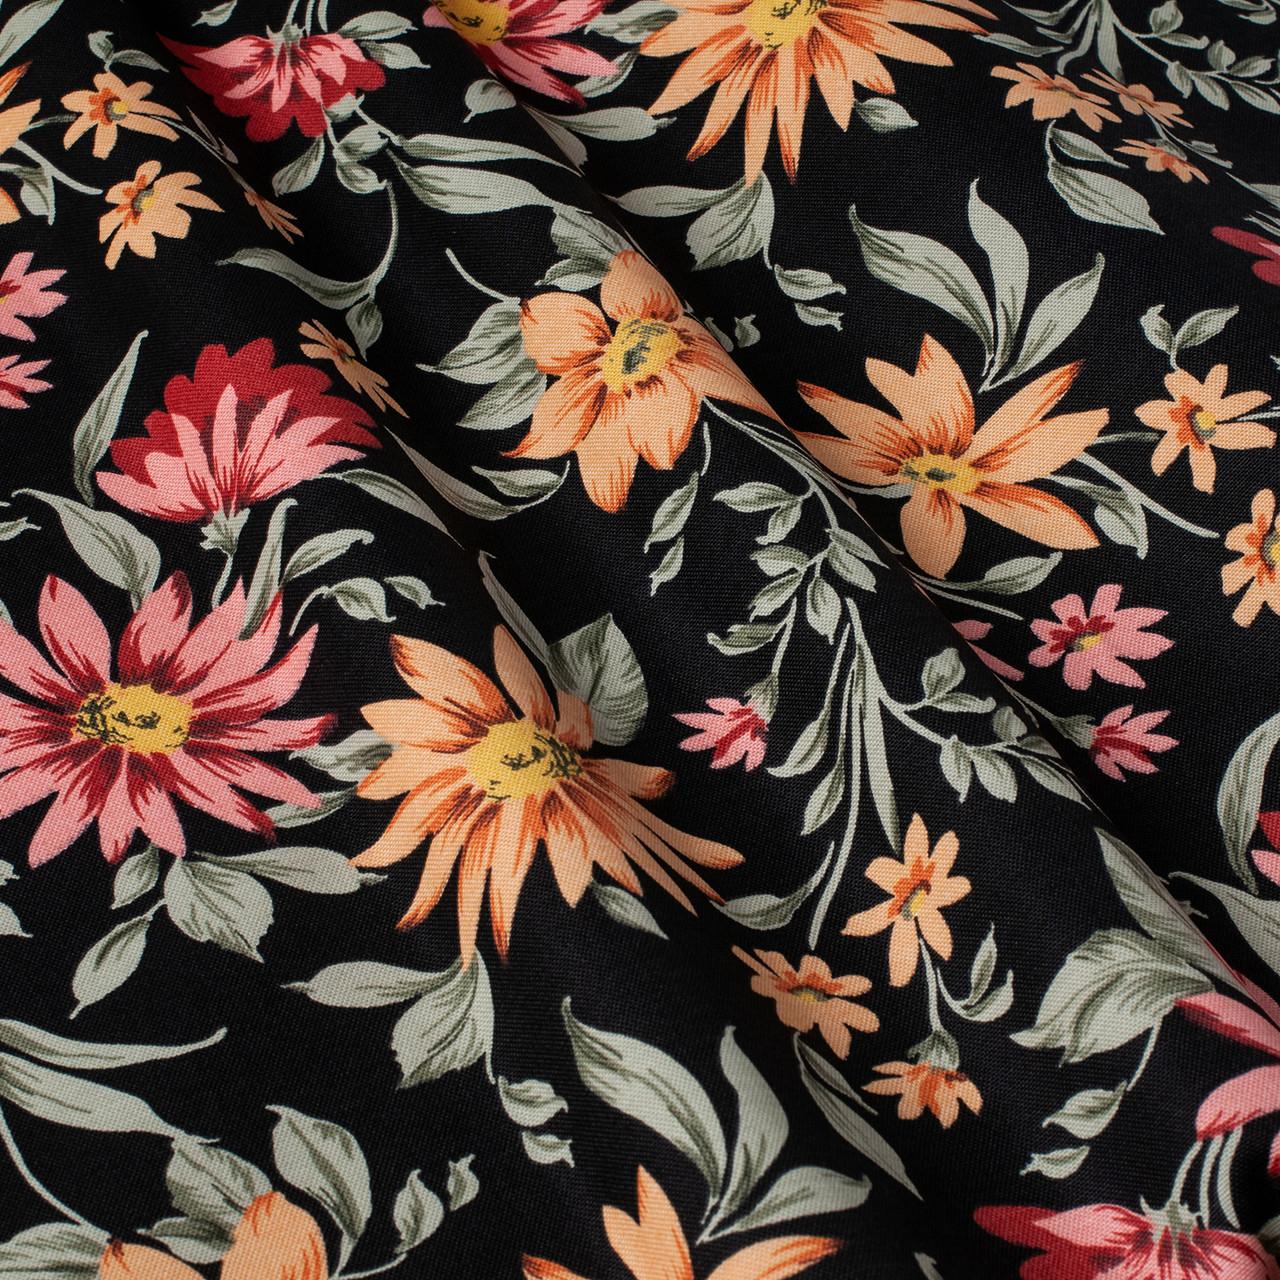 Декоративная ткань оранжевые и бордовые цветы на черном 180см 84497v1